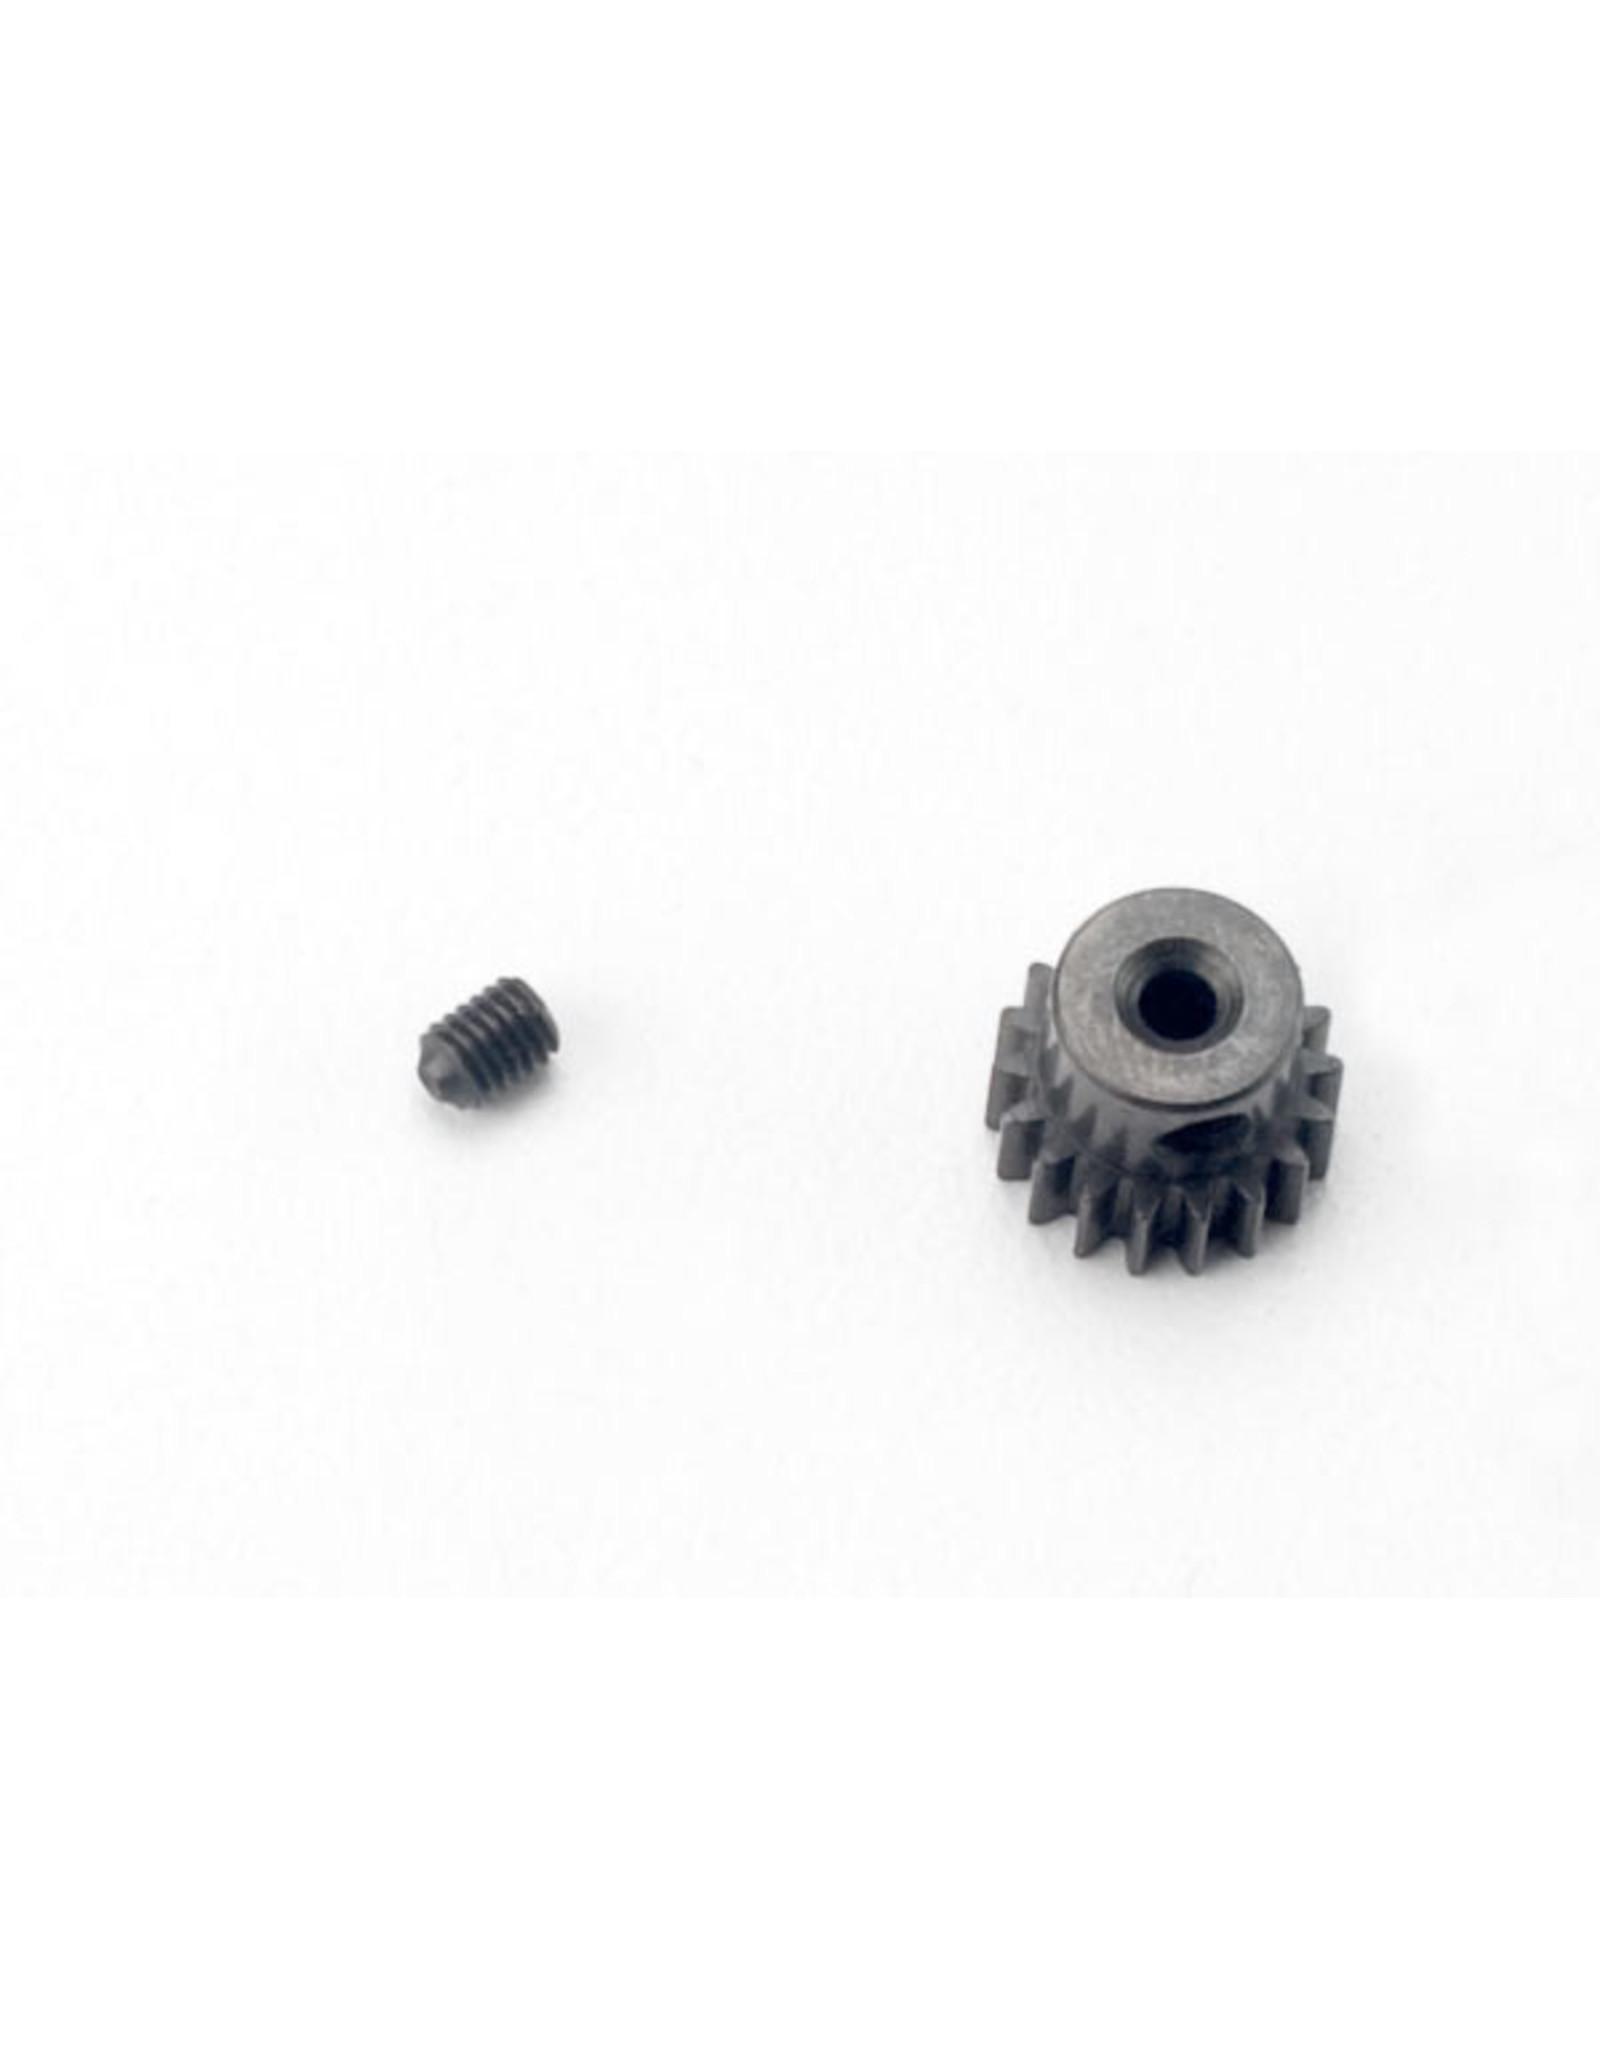 Traxxas 7041 - Gear 48P 18T Pinion, 2.3mm Shaft